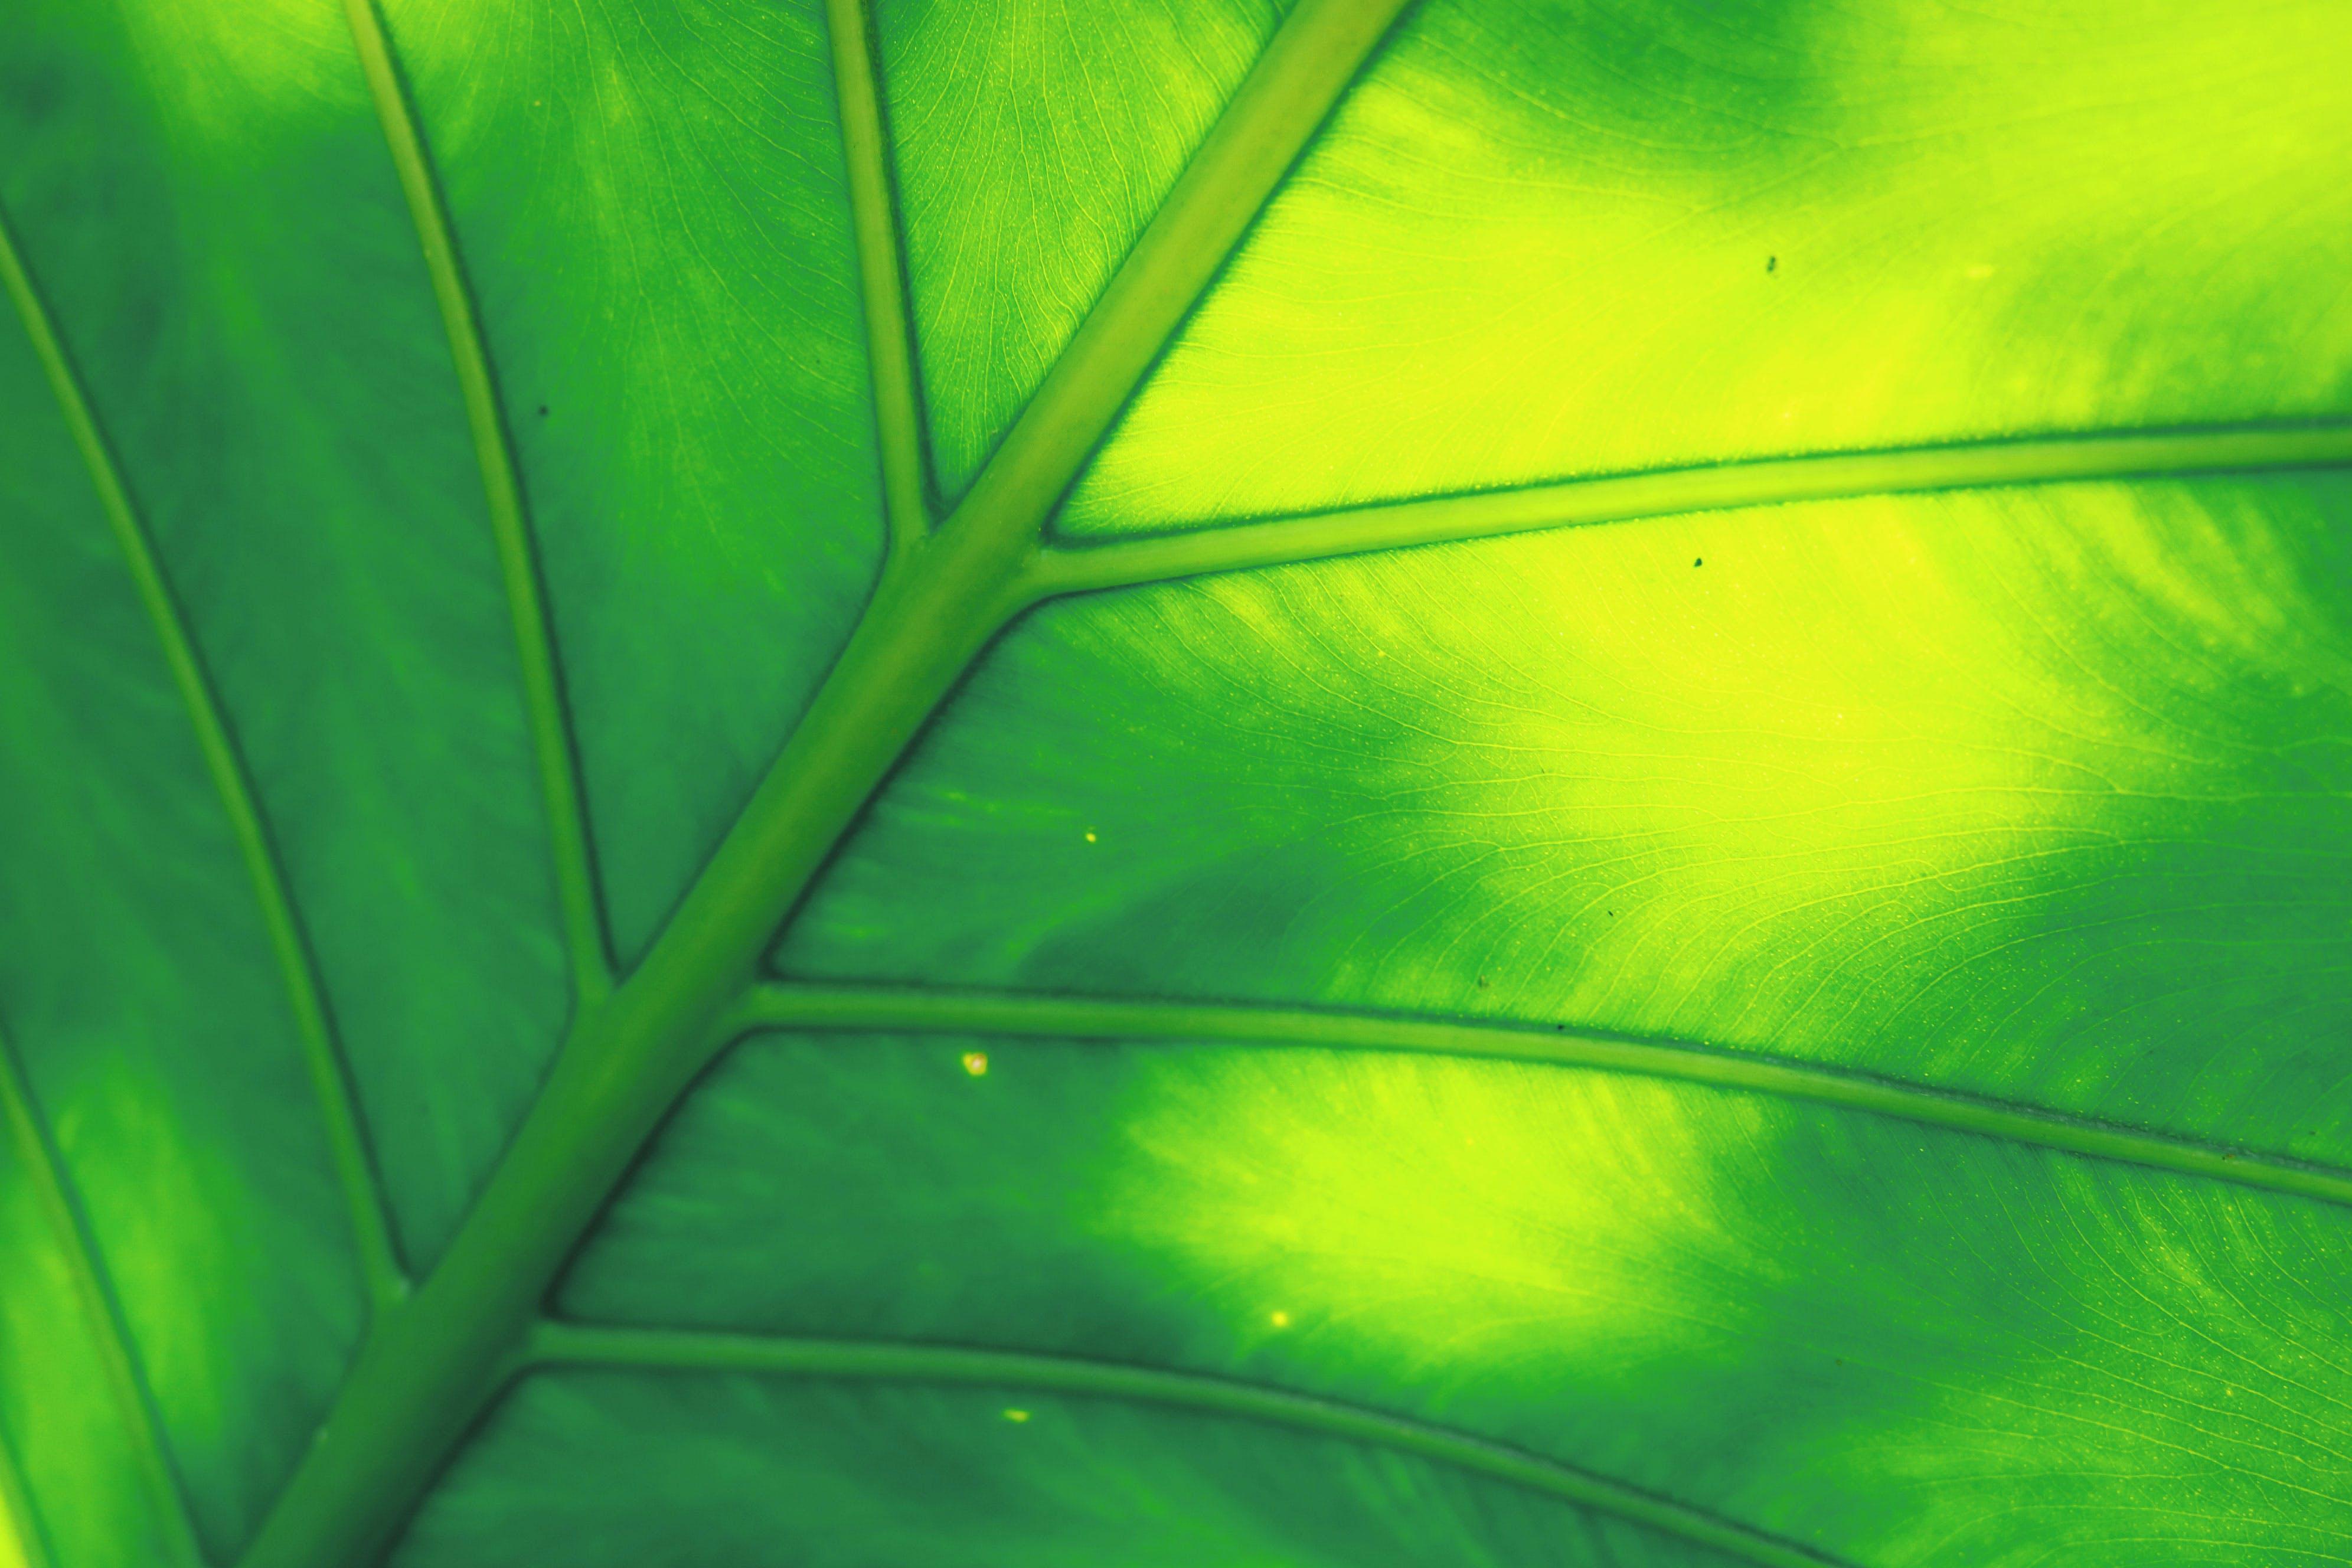 Green Leaf Illustration